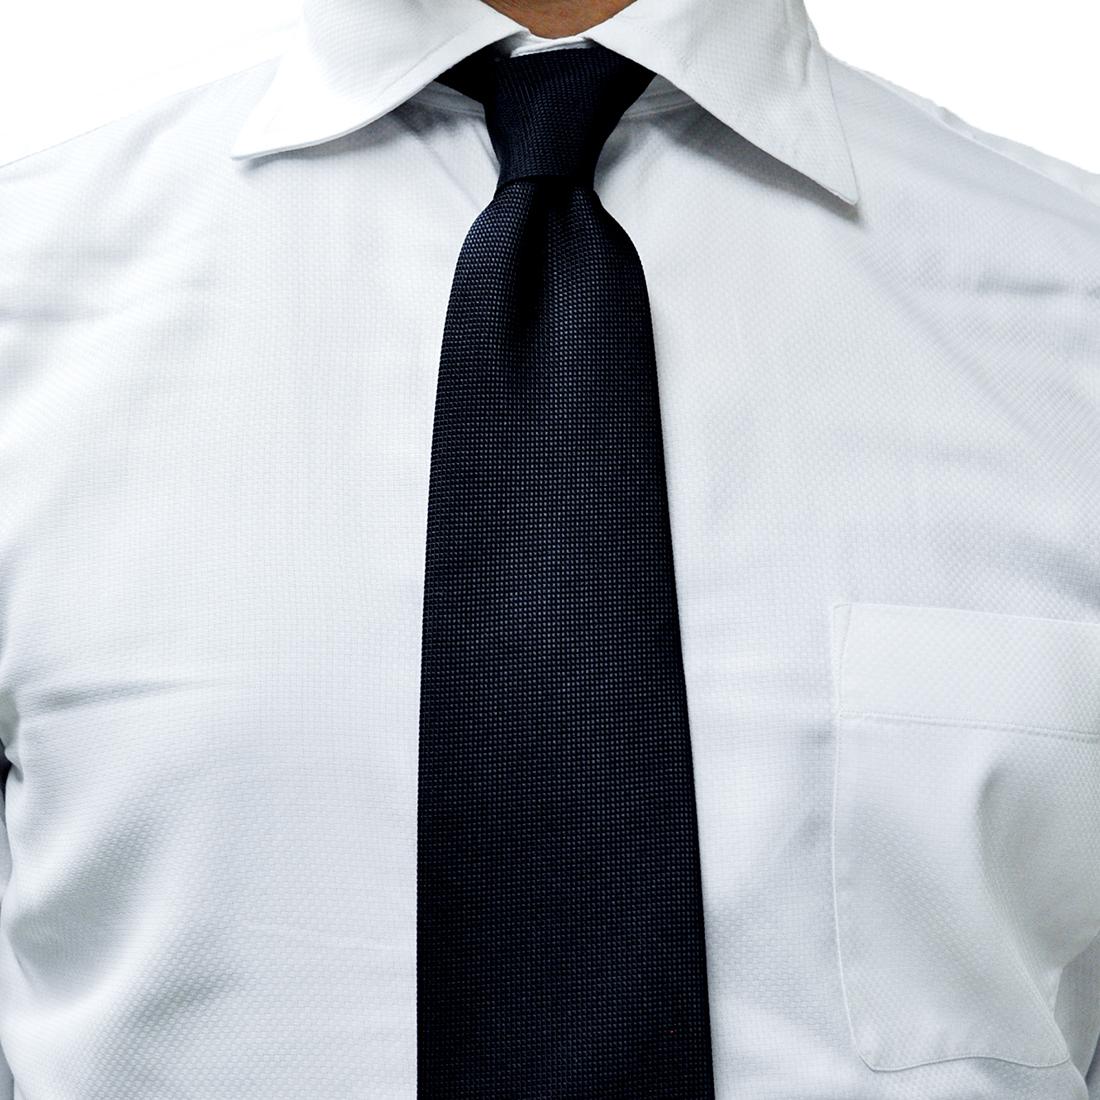 メイドイン東京 完全オリジナル お受験用お父様用ネクタイ 濃紺無地